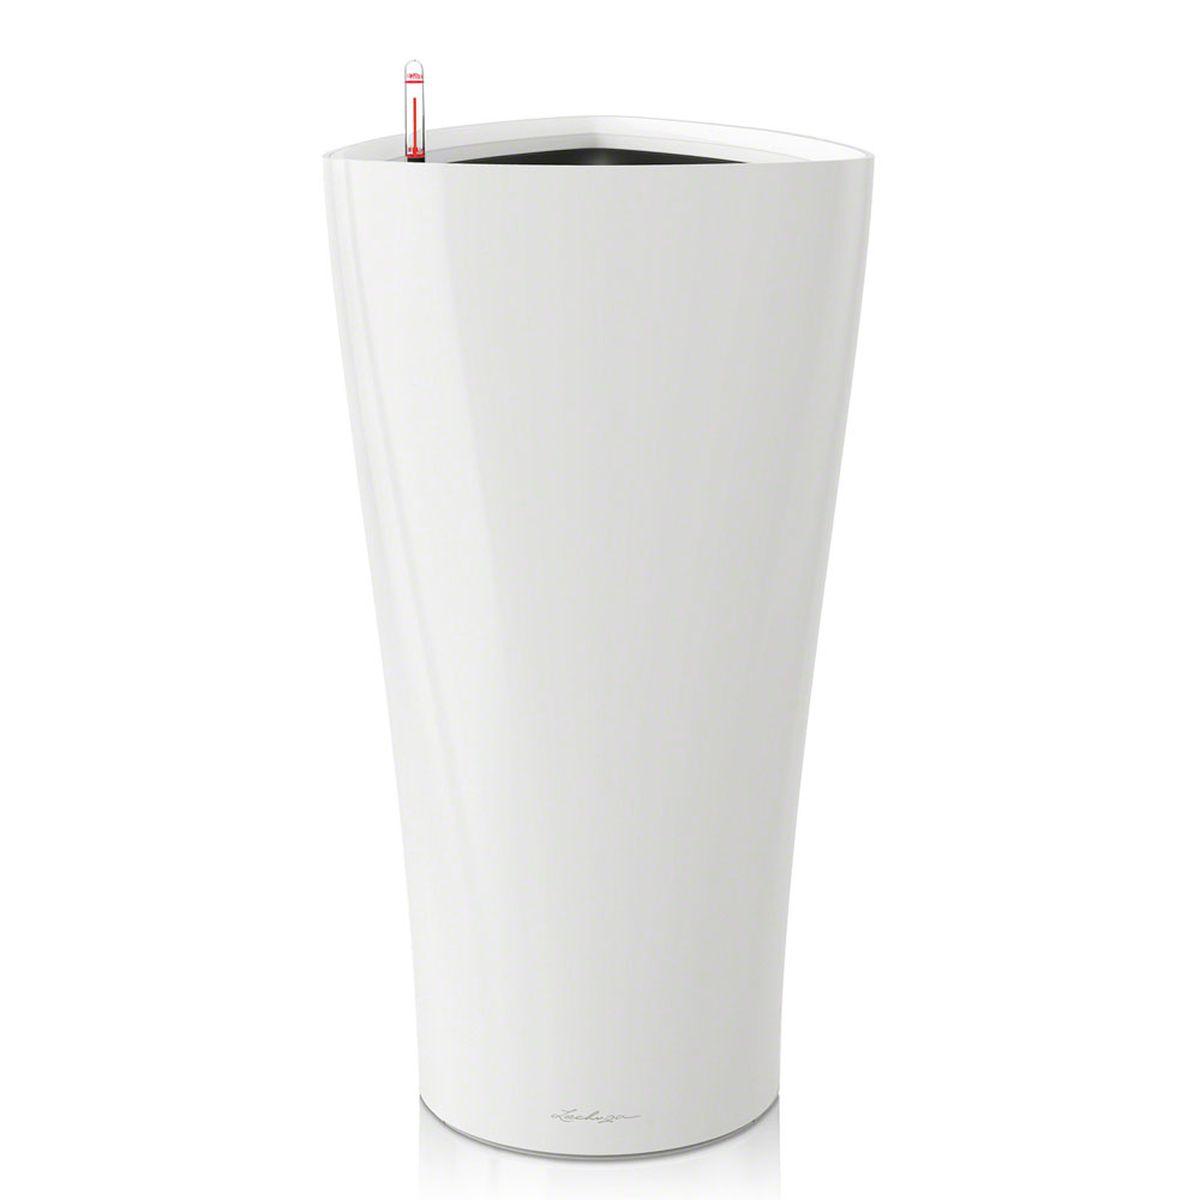 Кашпо с автополивом Lechuza Delta, цвет: белый, 30х56 см531-326Кашпо с автополивом Lechuza Delta изготовлено из пластика. Кашпо порадует вас функциональностью, а благодаря лаконичному дизайну впишется в любой интерьер помещения.